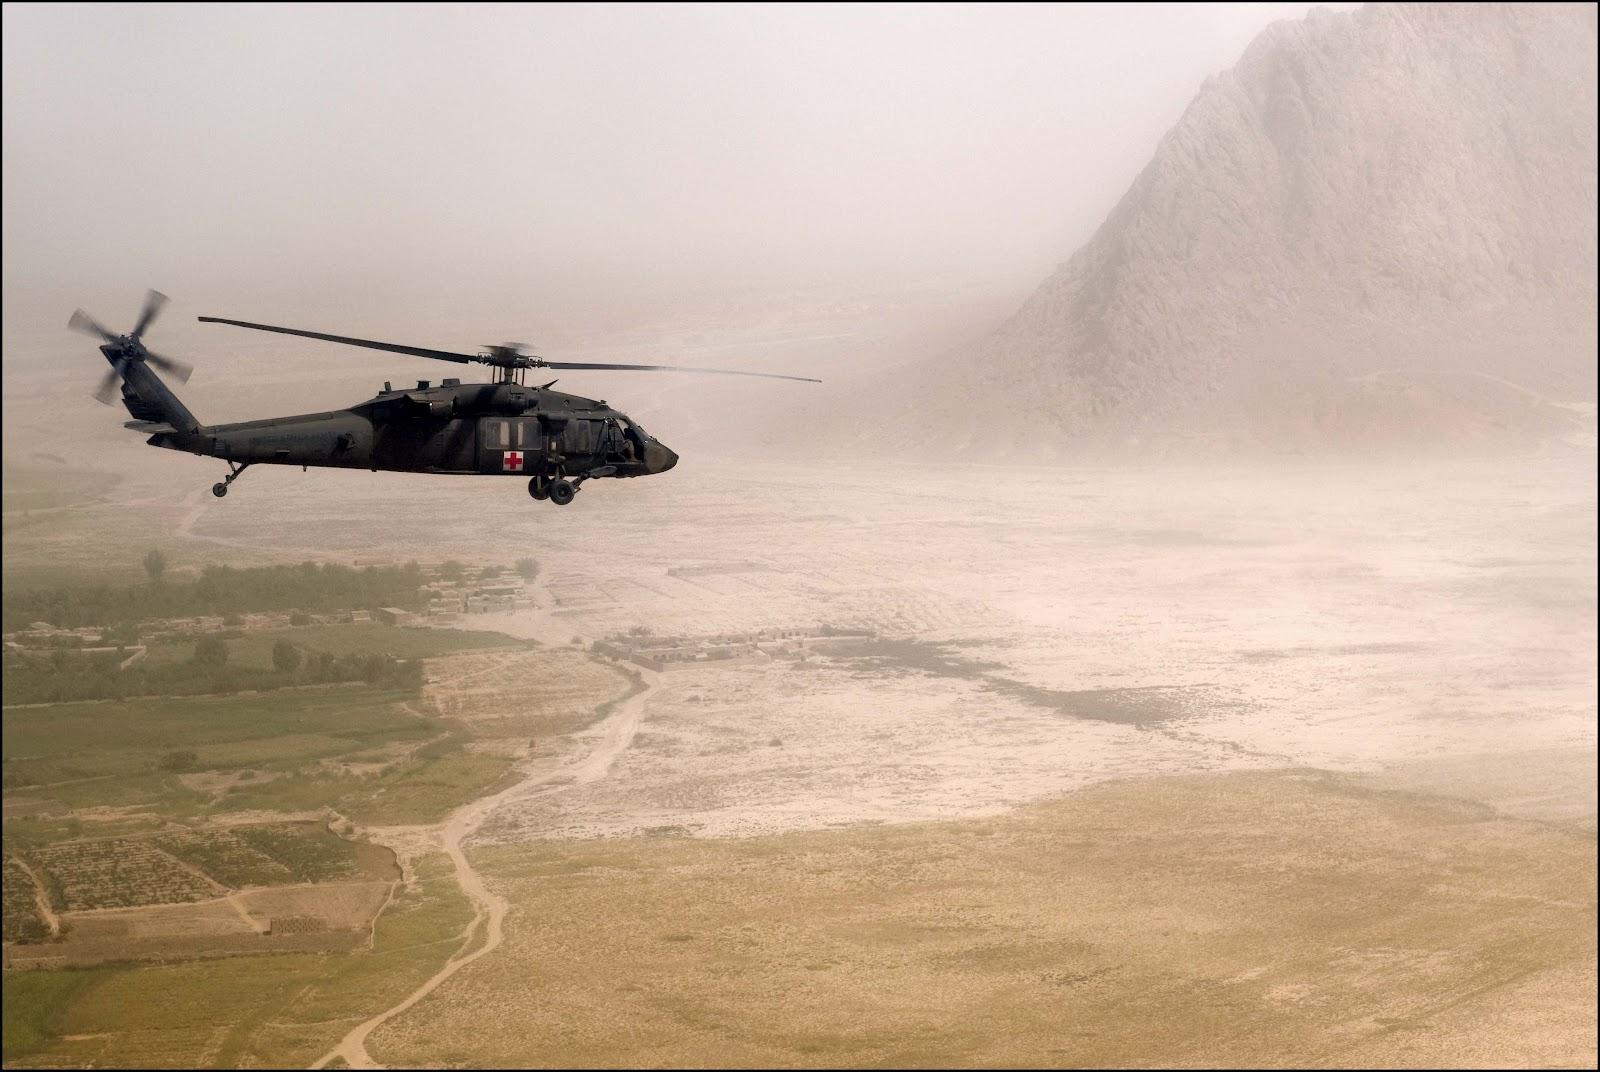 http://1.bp.blogspot.com/-IdfeUzVqJDY/T5N3g0LLp6I/AAAAAAAAH8I/4Rzk6k1fq8c/s1600/blackhawk_uh60_rescue.jpg